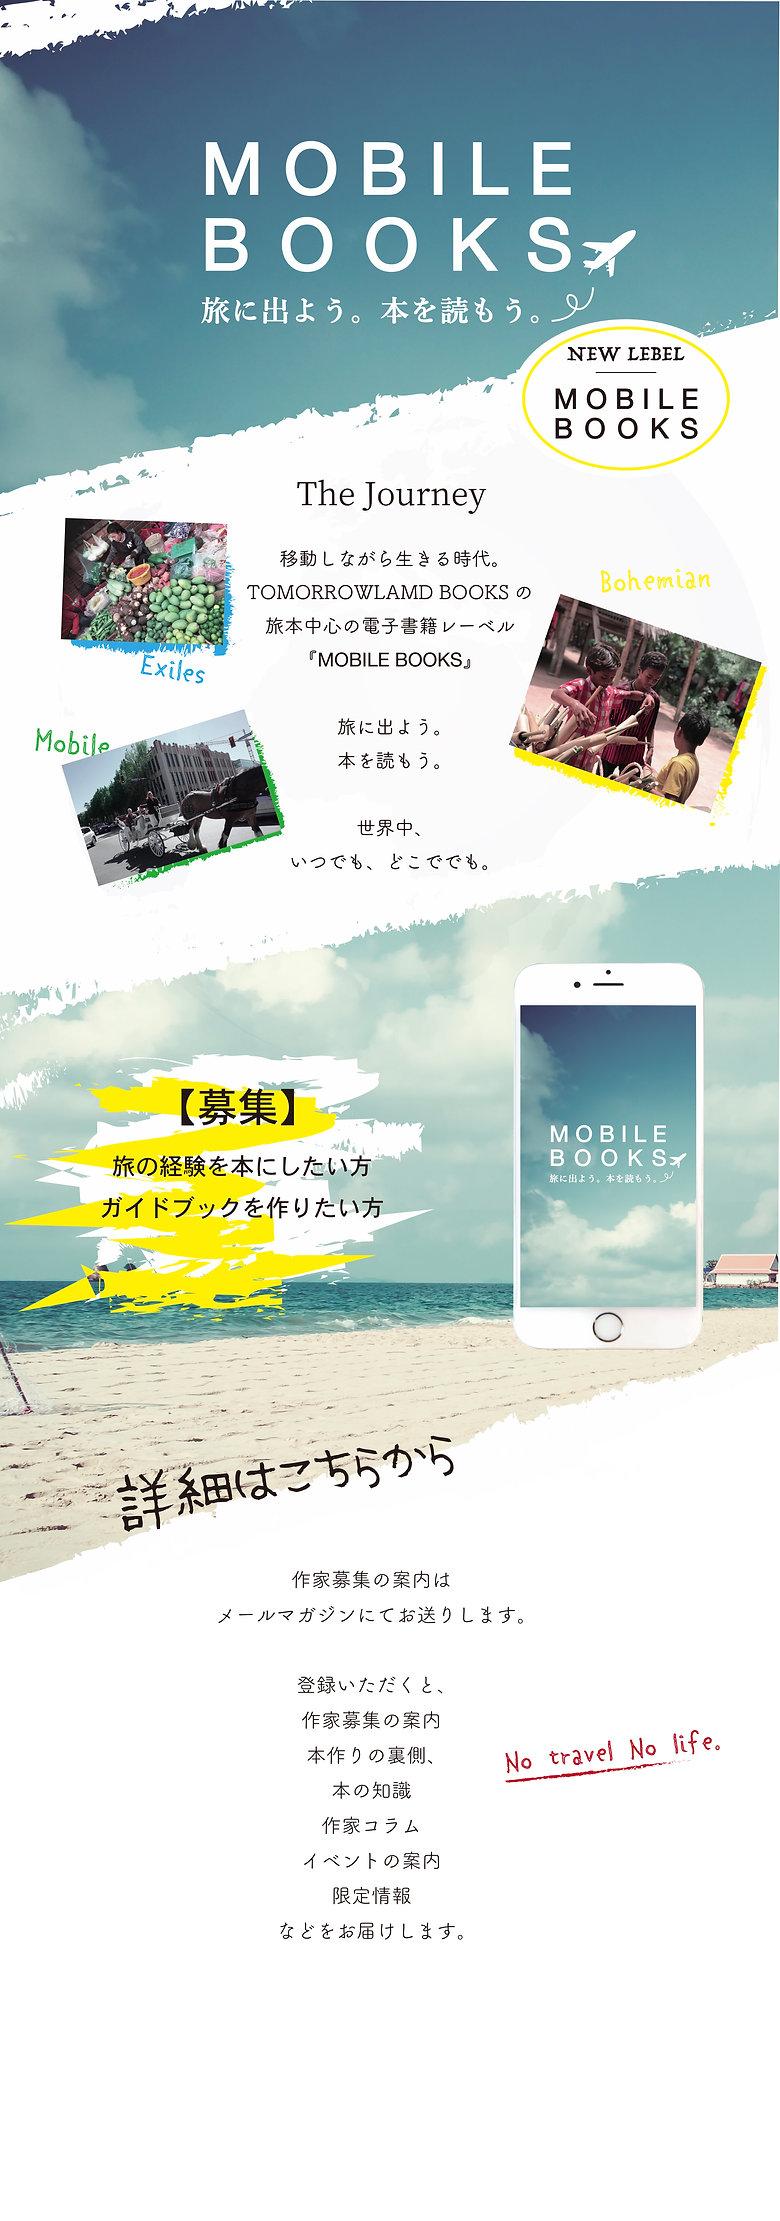 MOBILE BOOKSチラシ のコピー.jpg